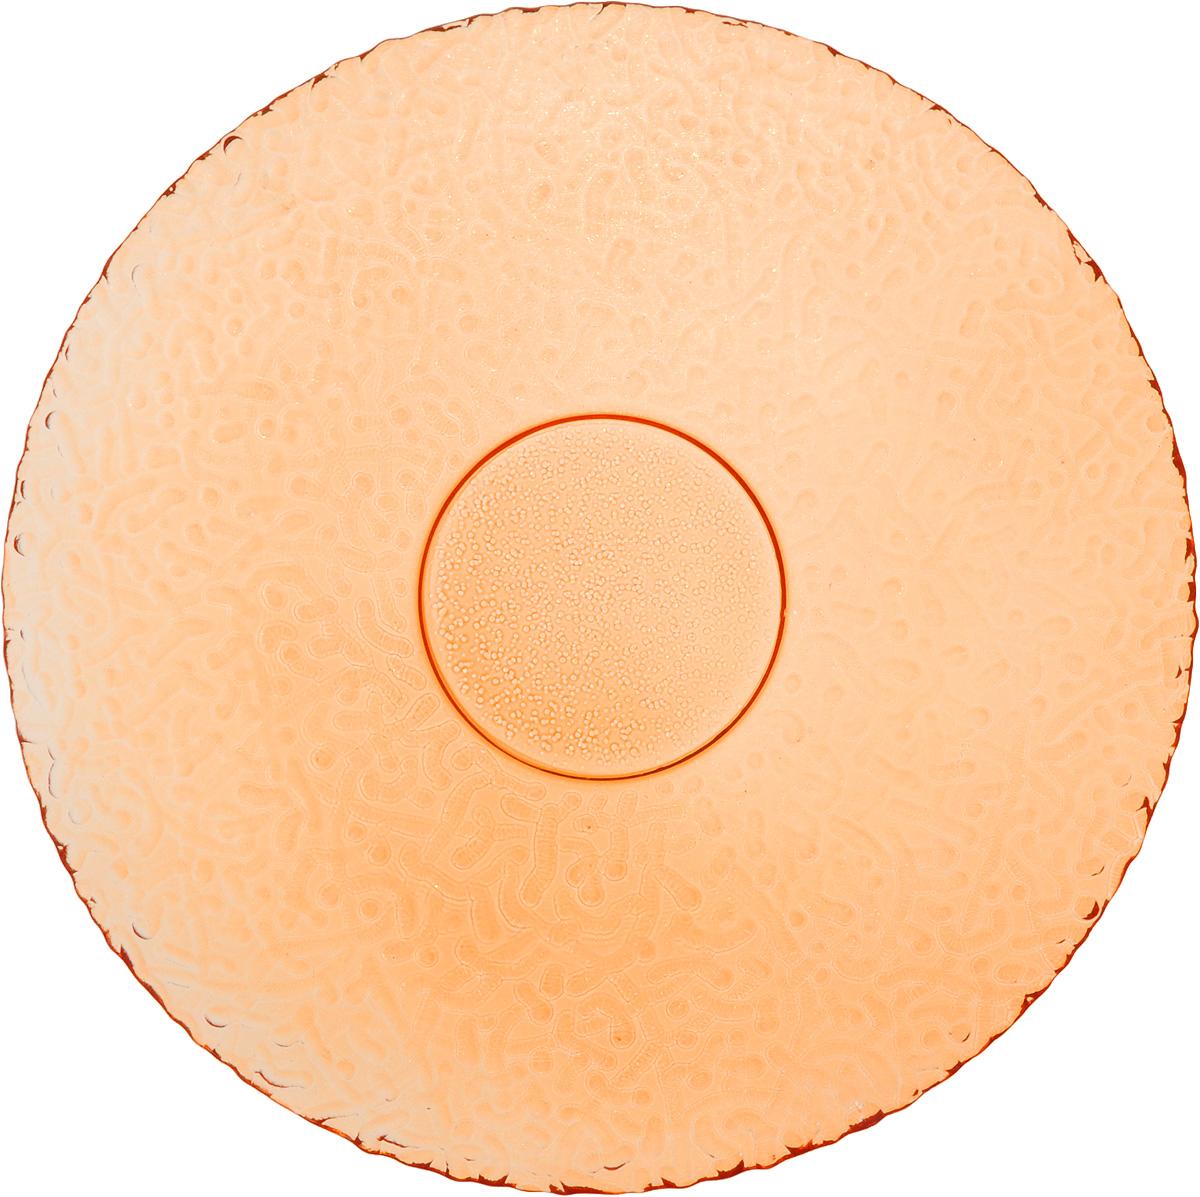 Тарелка NiNaGlass Ажур, цвет: оранжевый, диаметр 21 см83-070-ф210 ОРЖТарелка NiNaGlass Ажур выполнена из высококачественного стекла и оформлена оригинальным рельефом. Она прекрасно впишется в интерьер вашей кухни и станет достойным дополнением к кухонному инвентарю. Тарелка NiNaGlass Ажур подчеркнет прекрасный вкус хозяйки и станет отличным подарком. Диаметр тарелки: 21 см. Высота: 2,5 см.